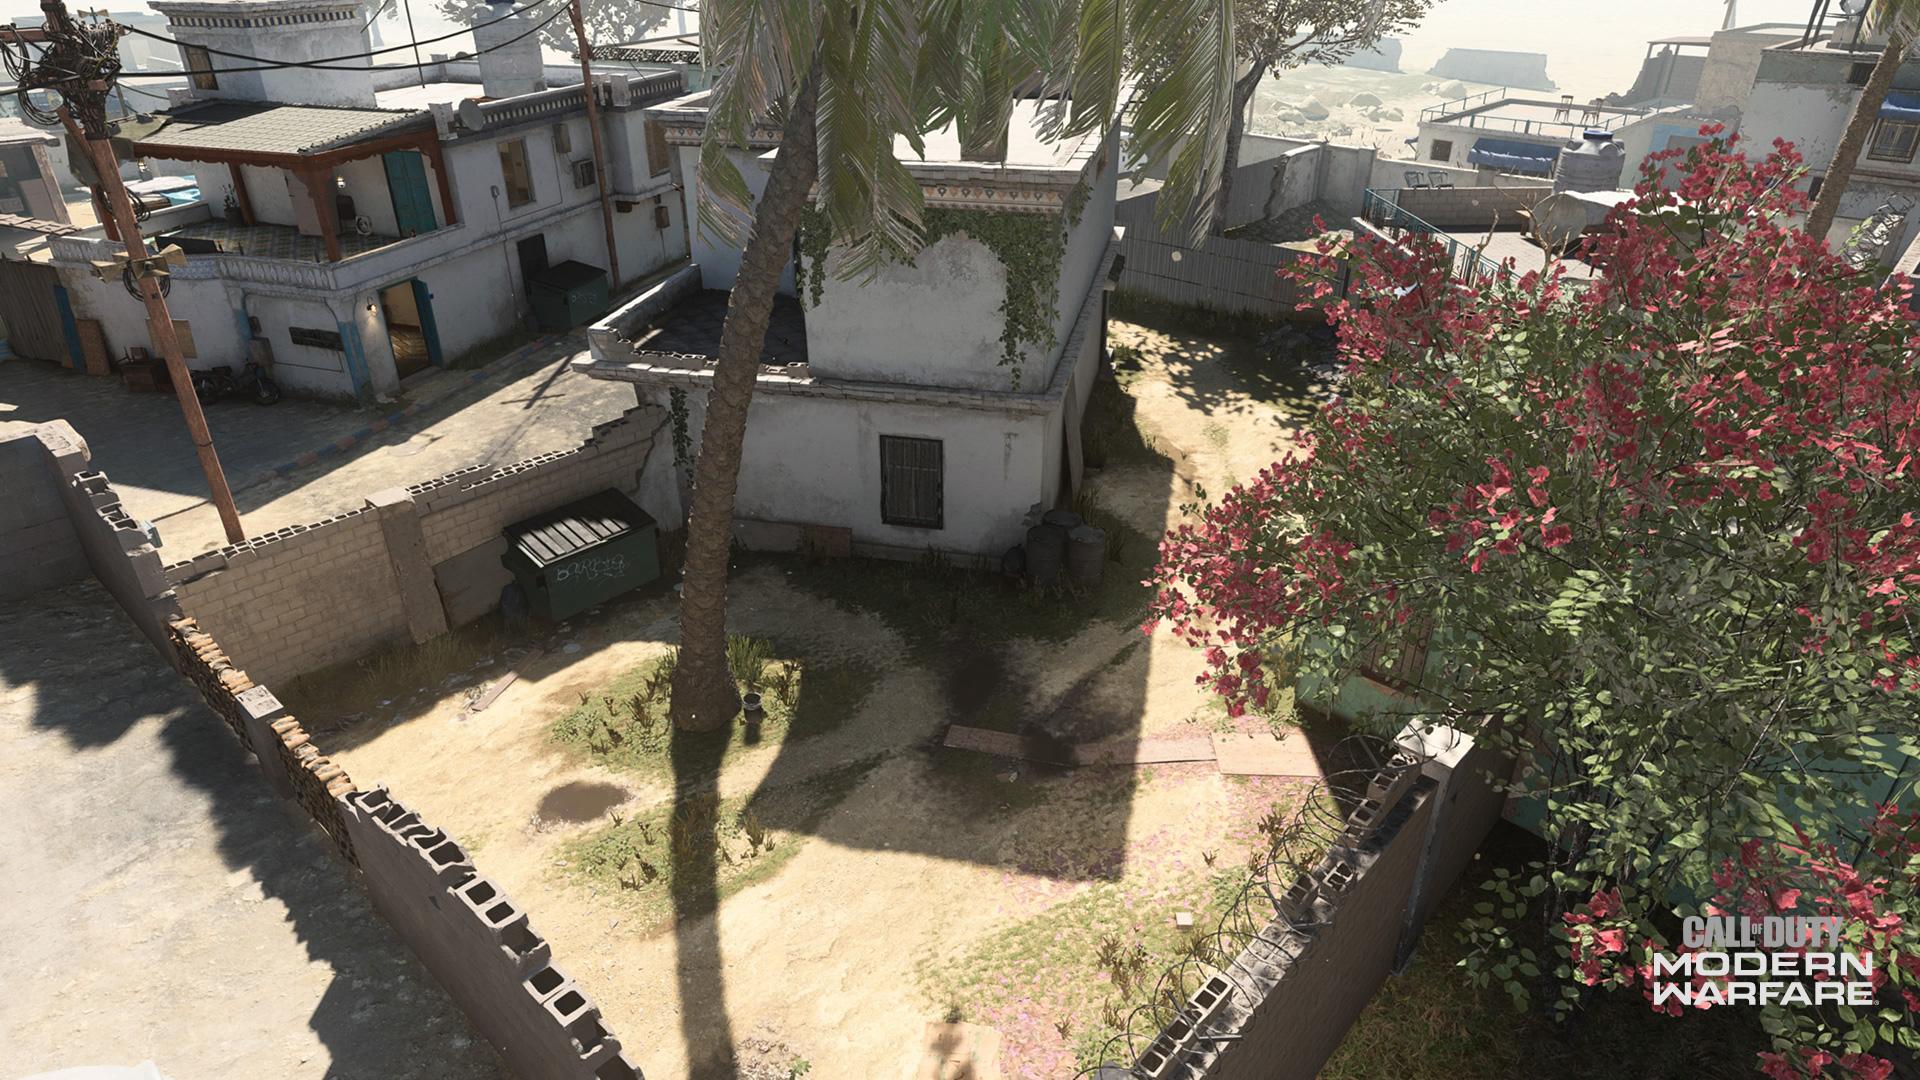 Modern Warfare Tactical Map Intel: Khandor Hideout - Image 3